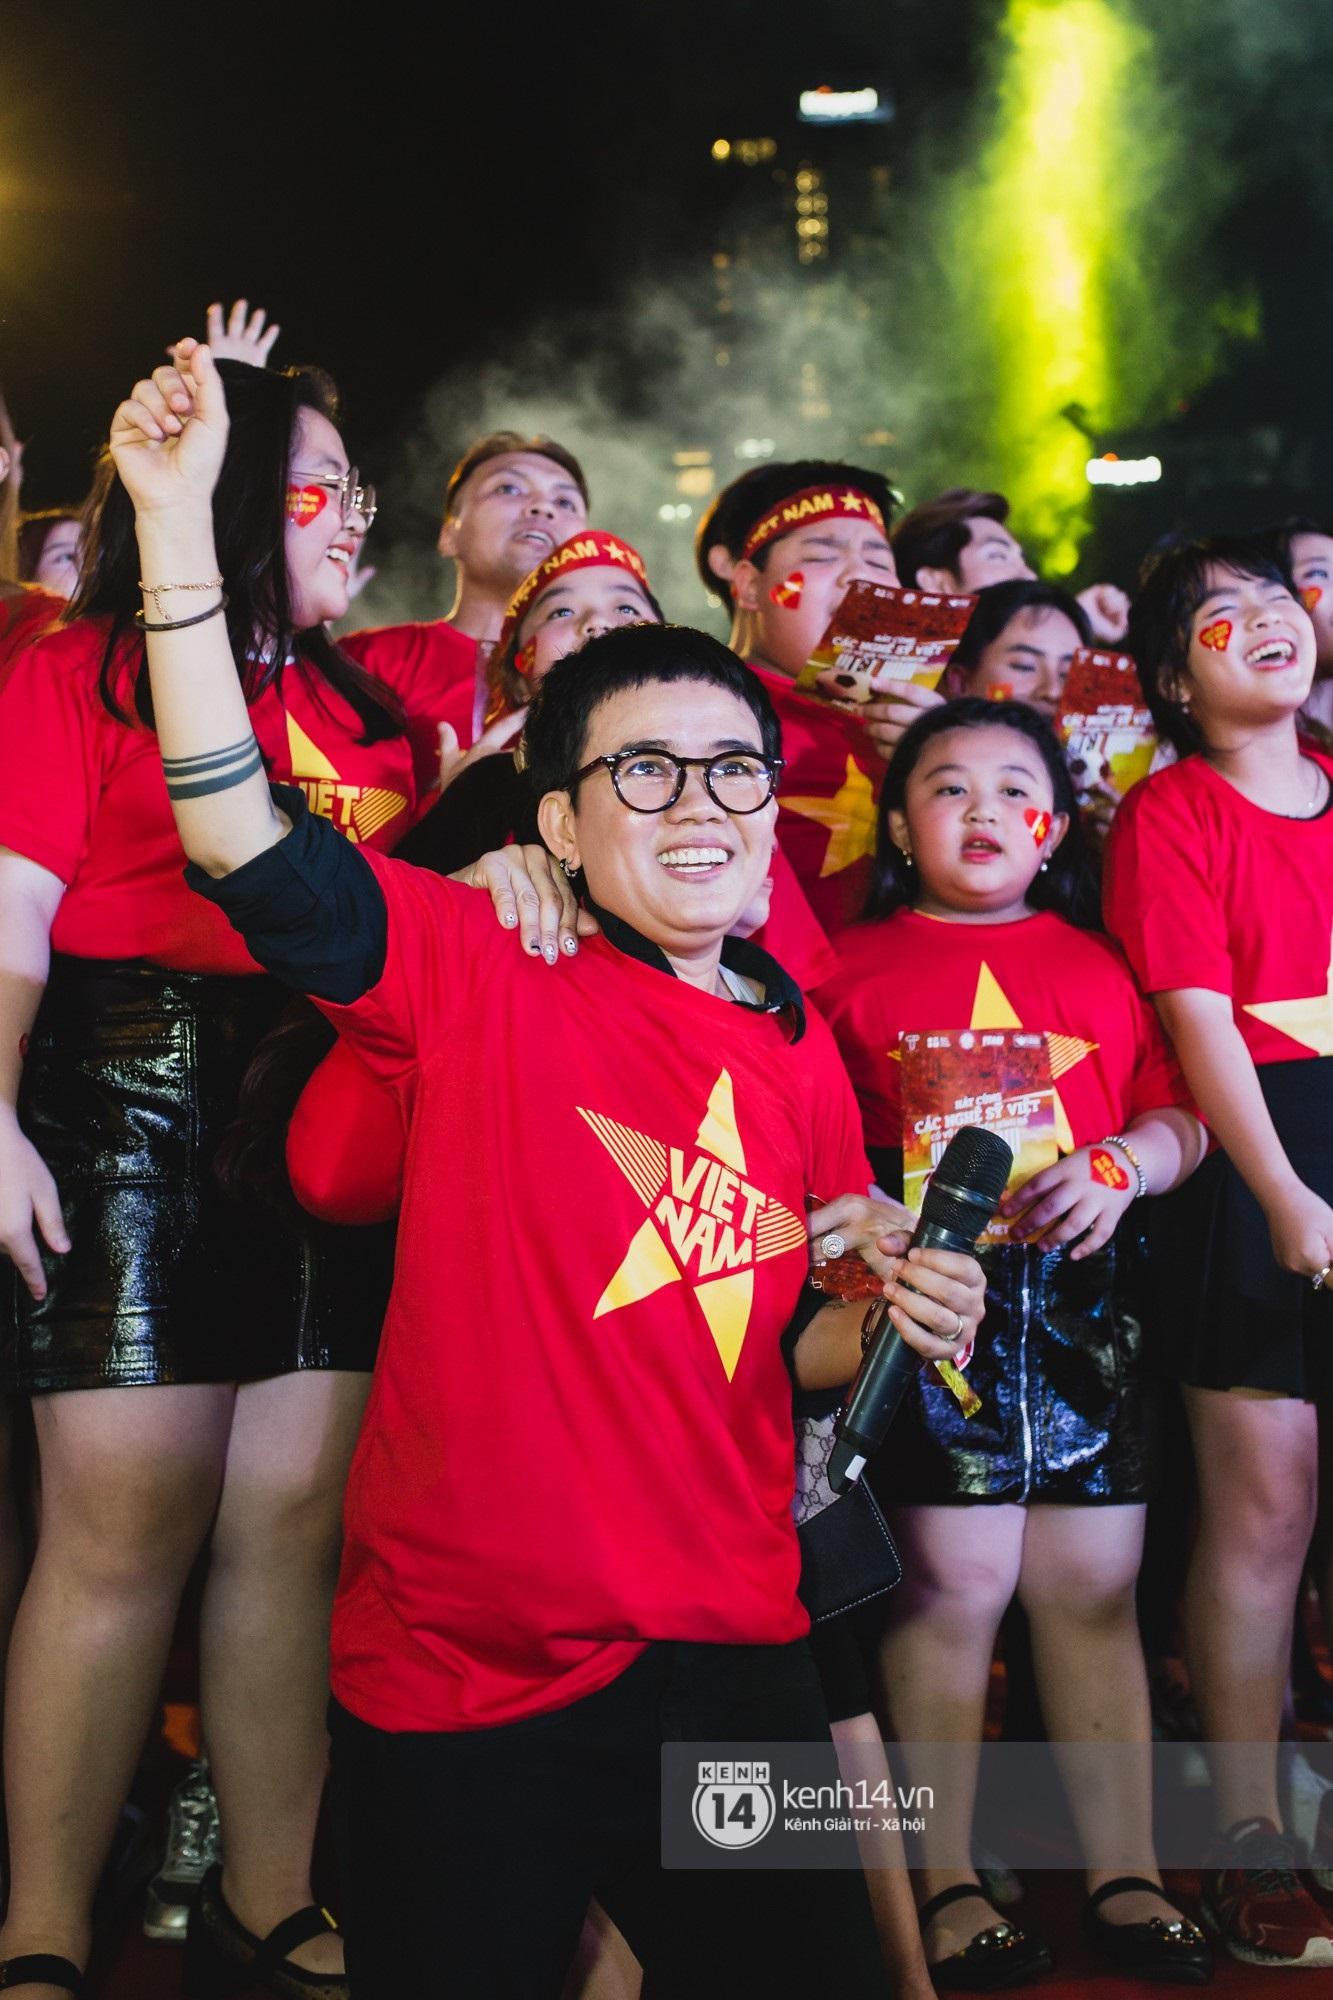 Hào hùng quá Việt Nam ơi, hàng trăm nghệ sĩ cùng cất vang tiếng hát cho trận bóng lịch sử - Ảnh 11